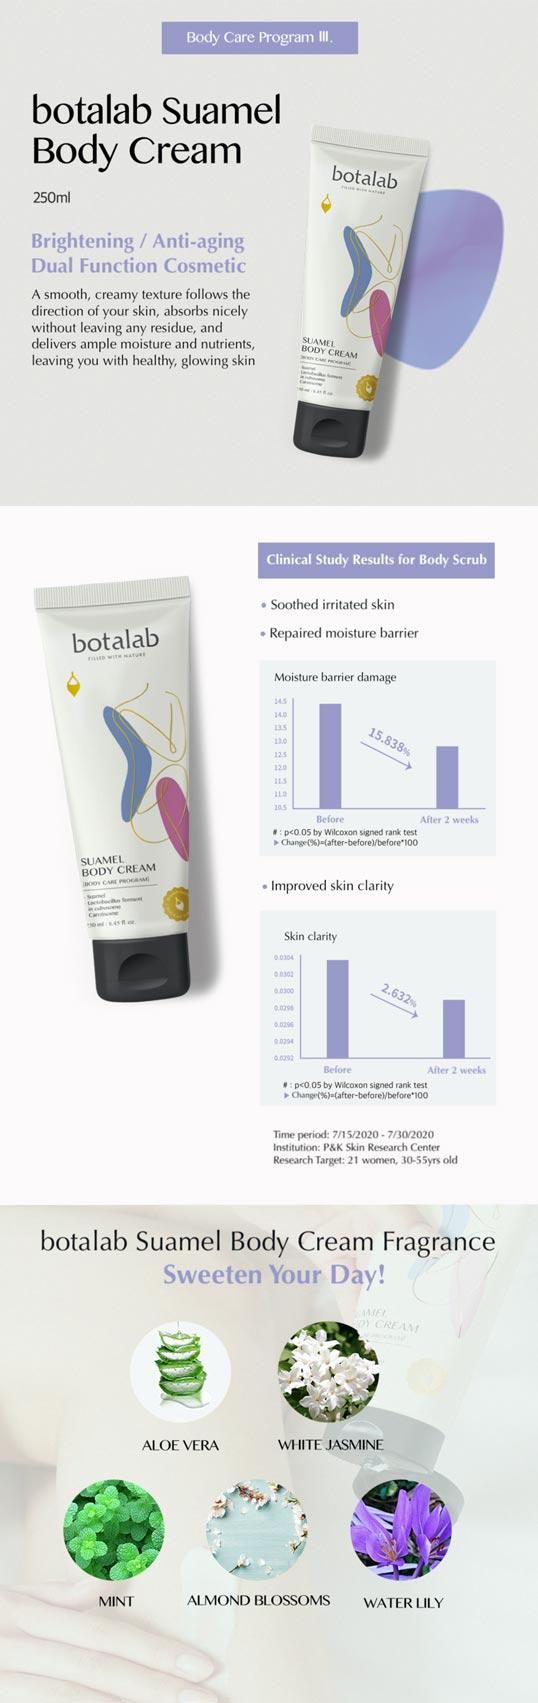 Botalab Suamel Body Cream